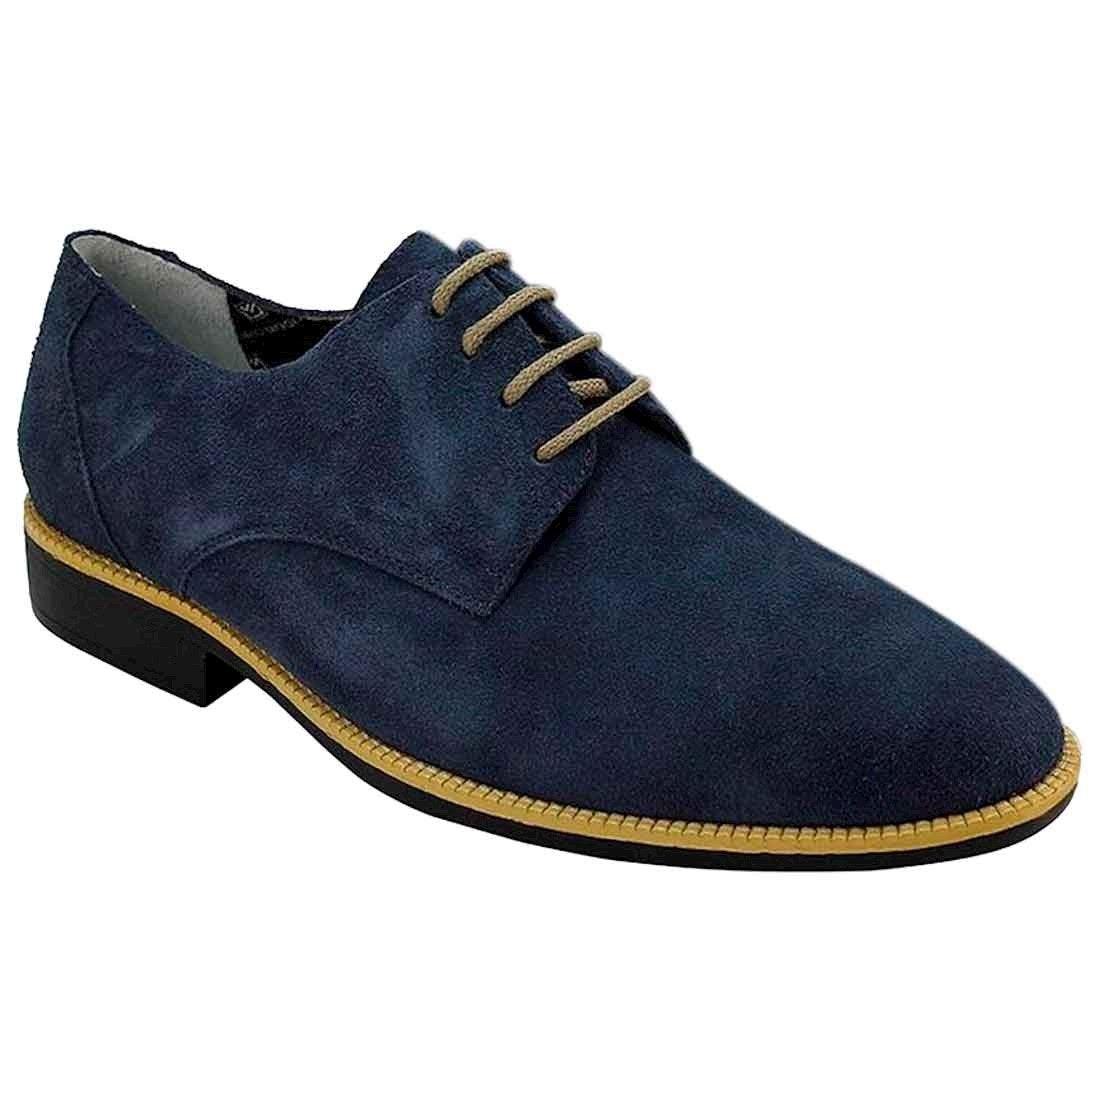 600d20573f sapato esporte fino masculino derby sandro moscoloni royale. Carregando zoom .